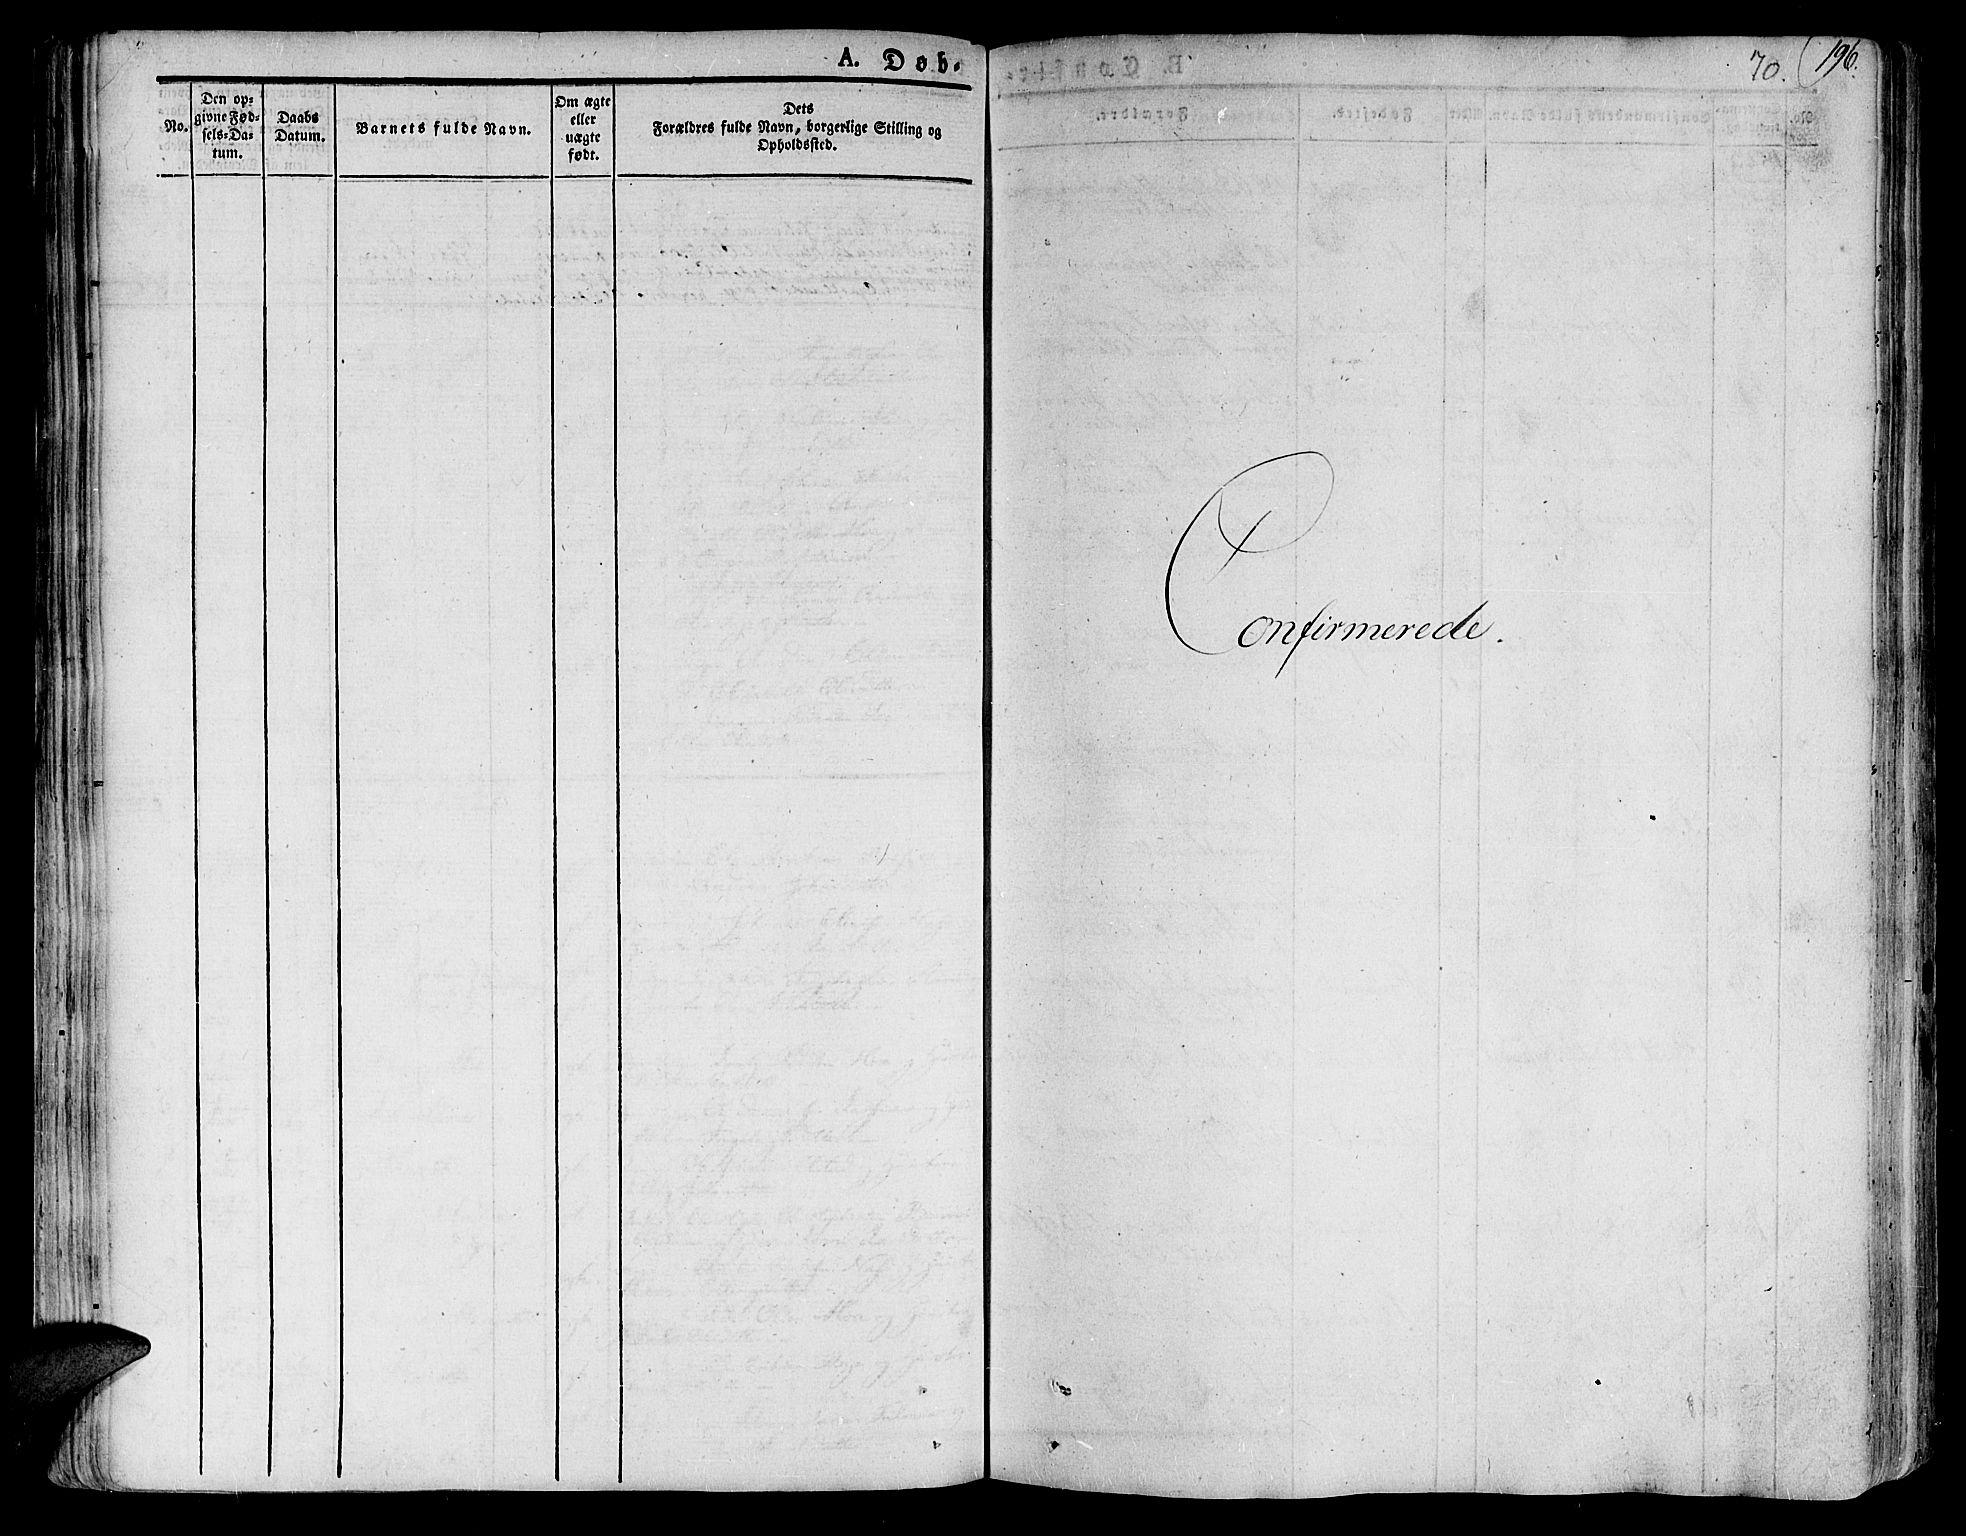 SAT, Ministerialprotokoller, klokkerbøker og fødselsregistre - Nord-Trøndelag, 758/L0510: Ministerialbok nr. 758A01 /1, 1821-1841, s. 70